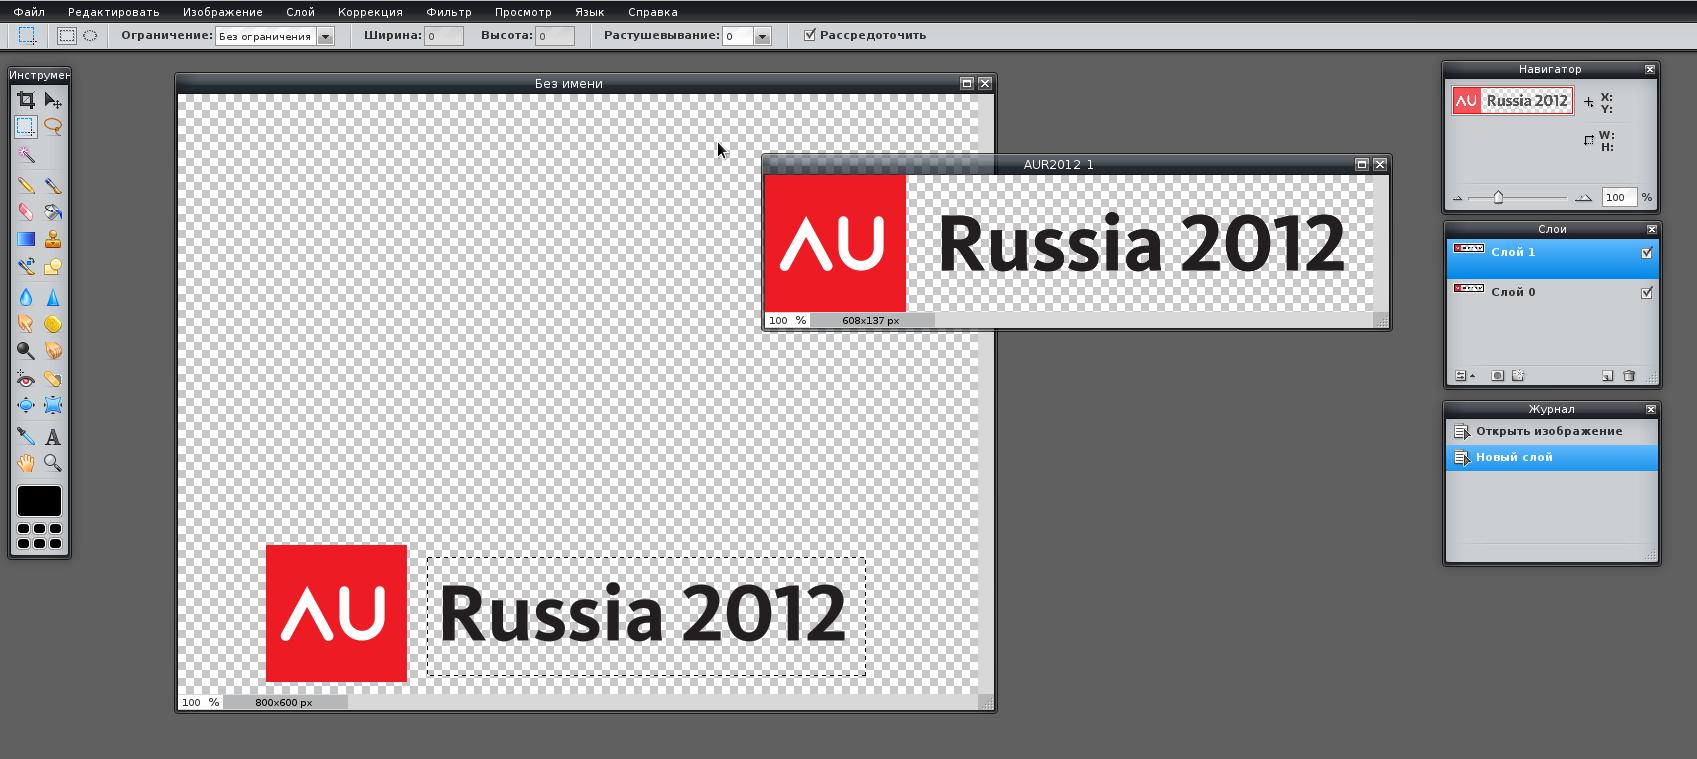 Снимок экрана от 2012-08-29 20:54:44